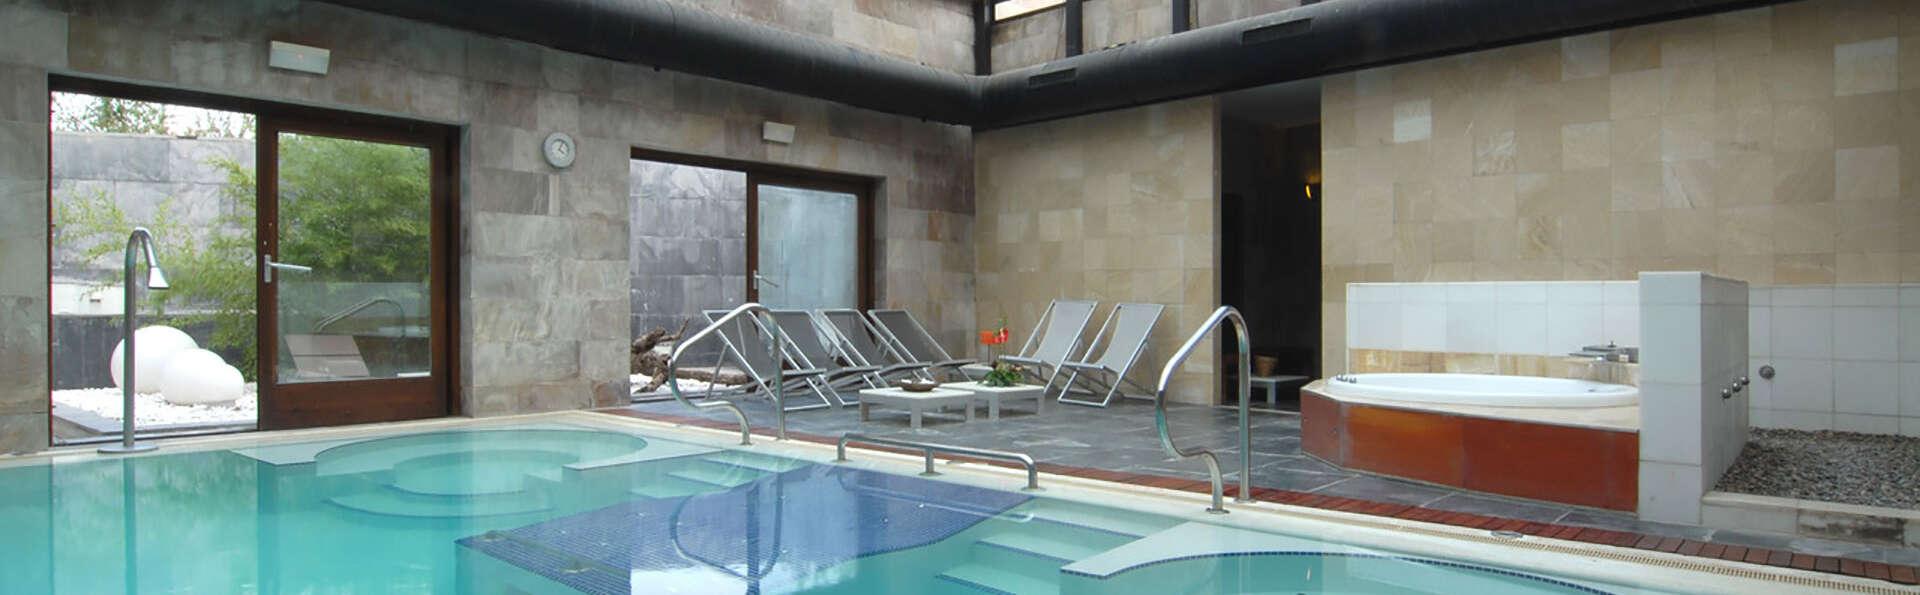 Escapade mini-vacances dans un cadre luxueux avec accès au spa (à partir de 2 nuits)